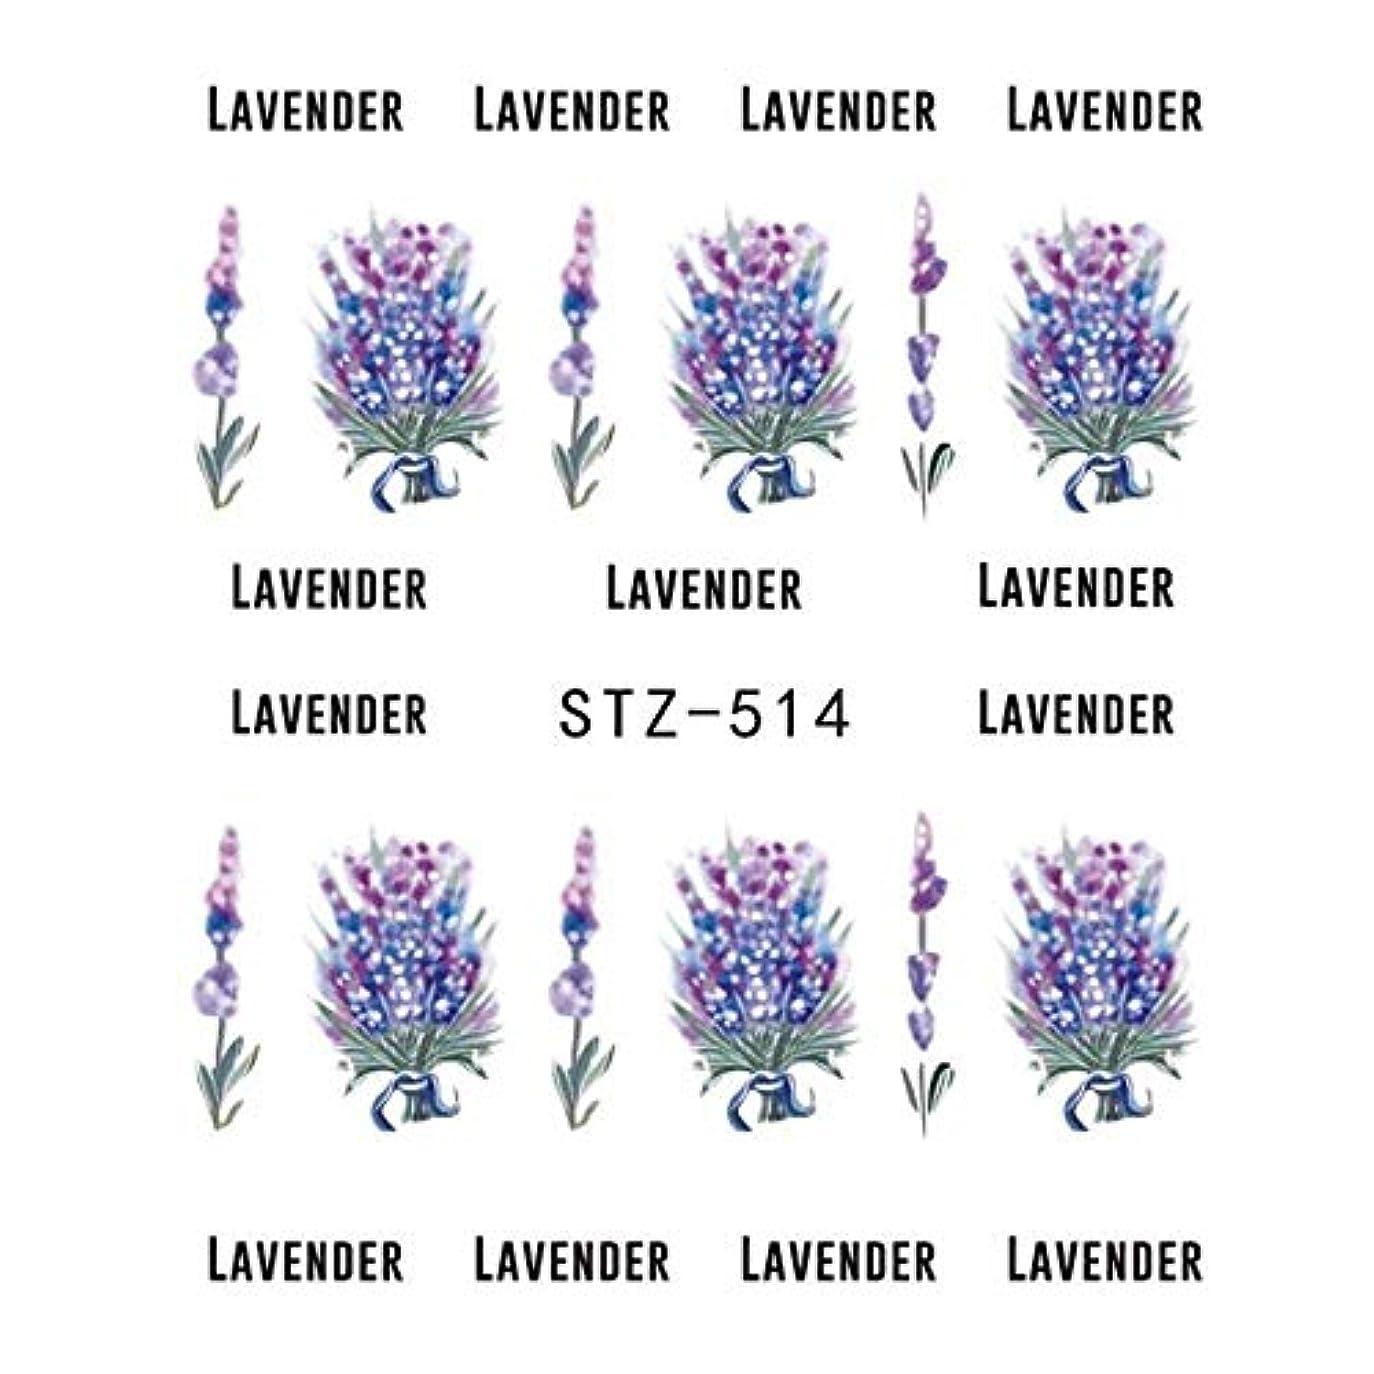 定数ステッチ文化SUKTI&XIAO ネイルステッカー ラベンダーブーケウォーターステッカーネイルアートデコレーション紫咲く花スライド美容ネイルデカール、Stz514